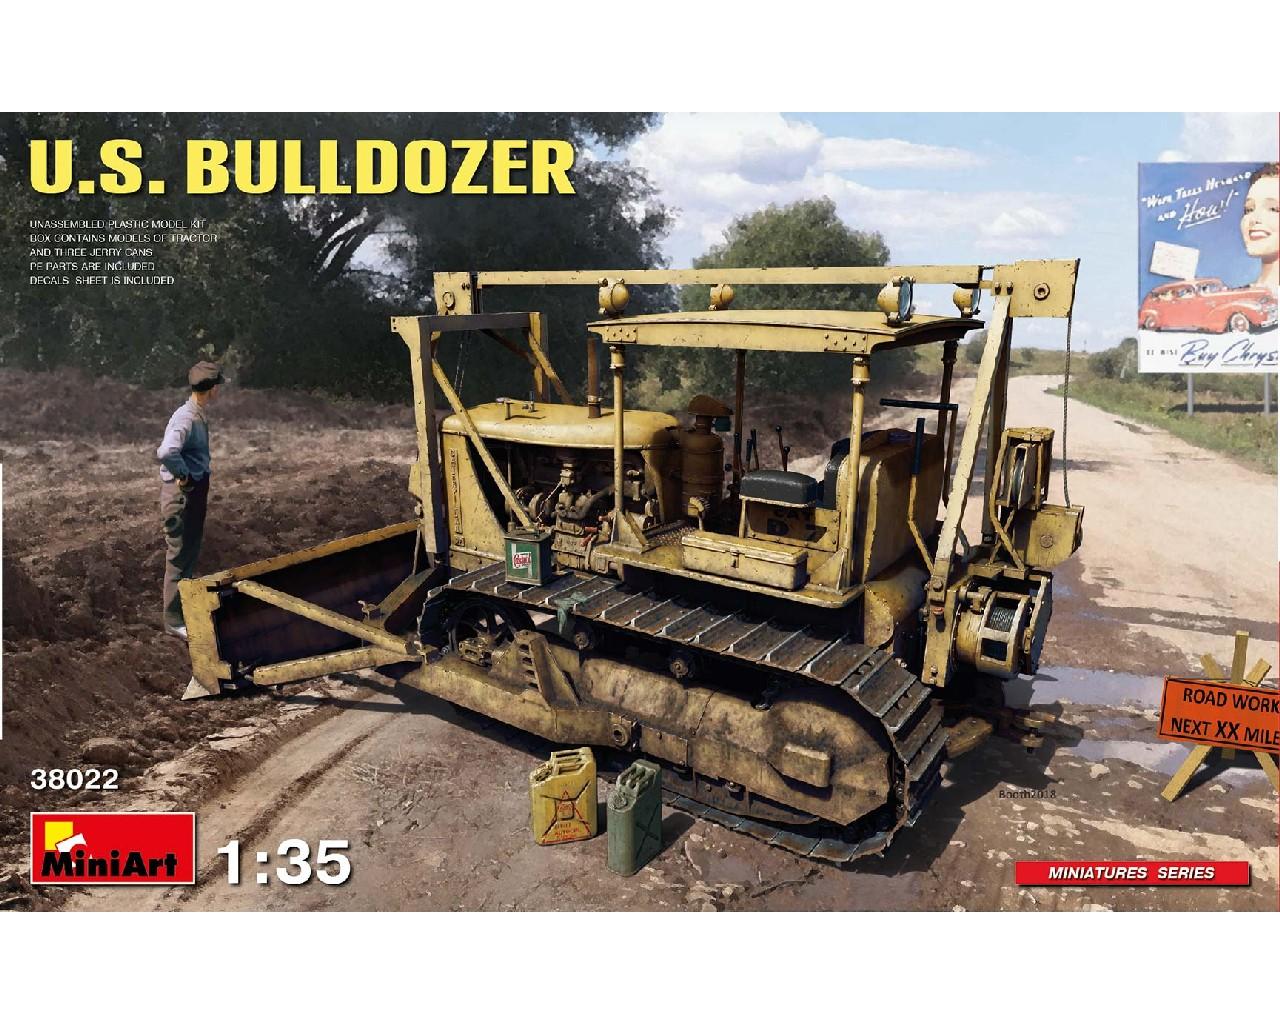 1/35 U.S. Bulldozer